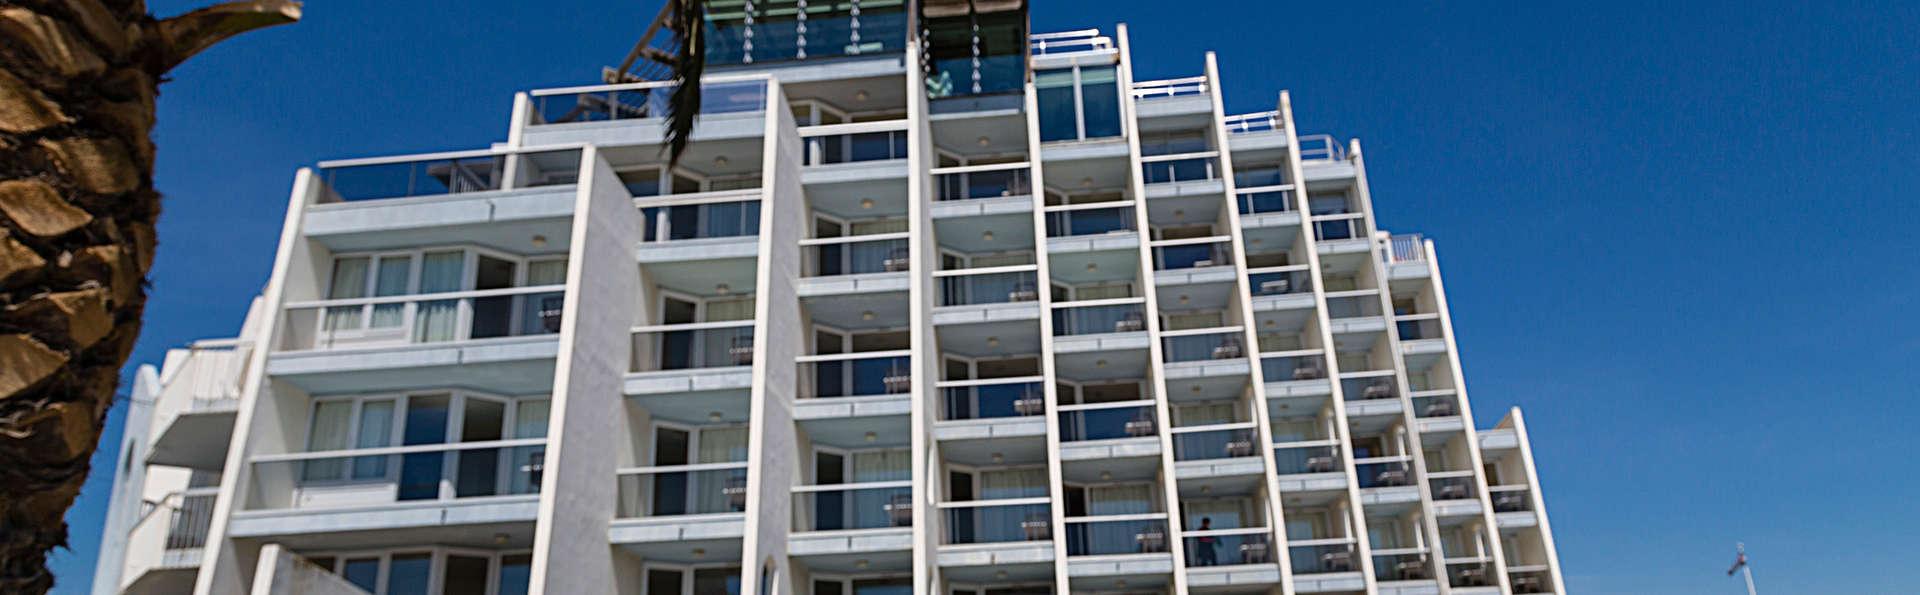 Hôtel les bains de Camargue & Spa by Thalazur - EDIT_front1.jpg